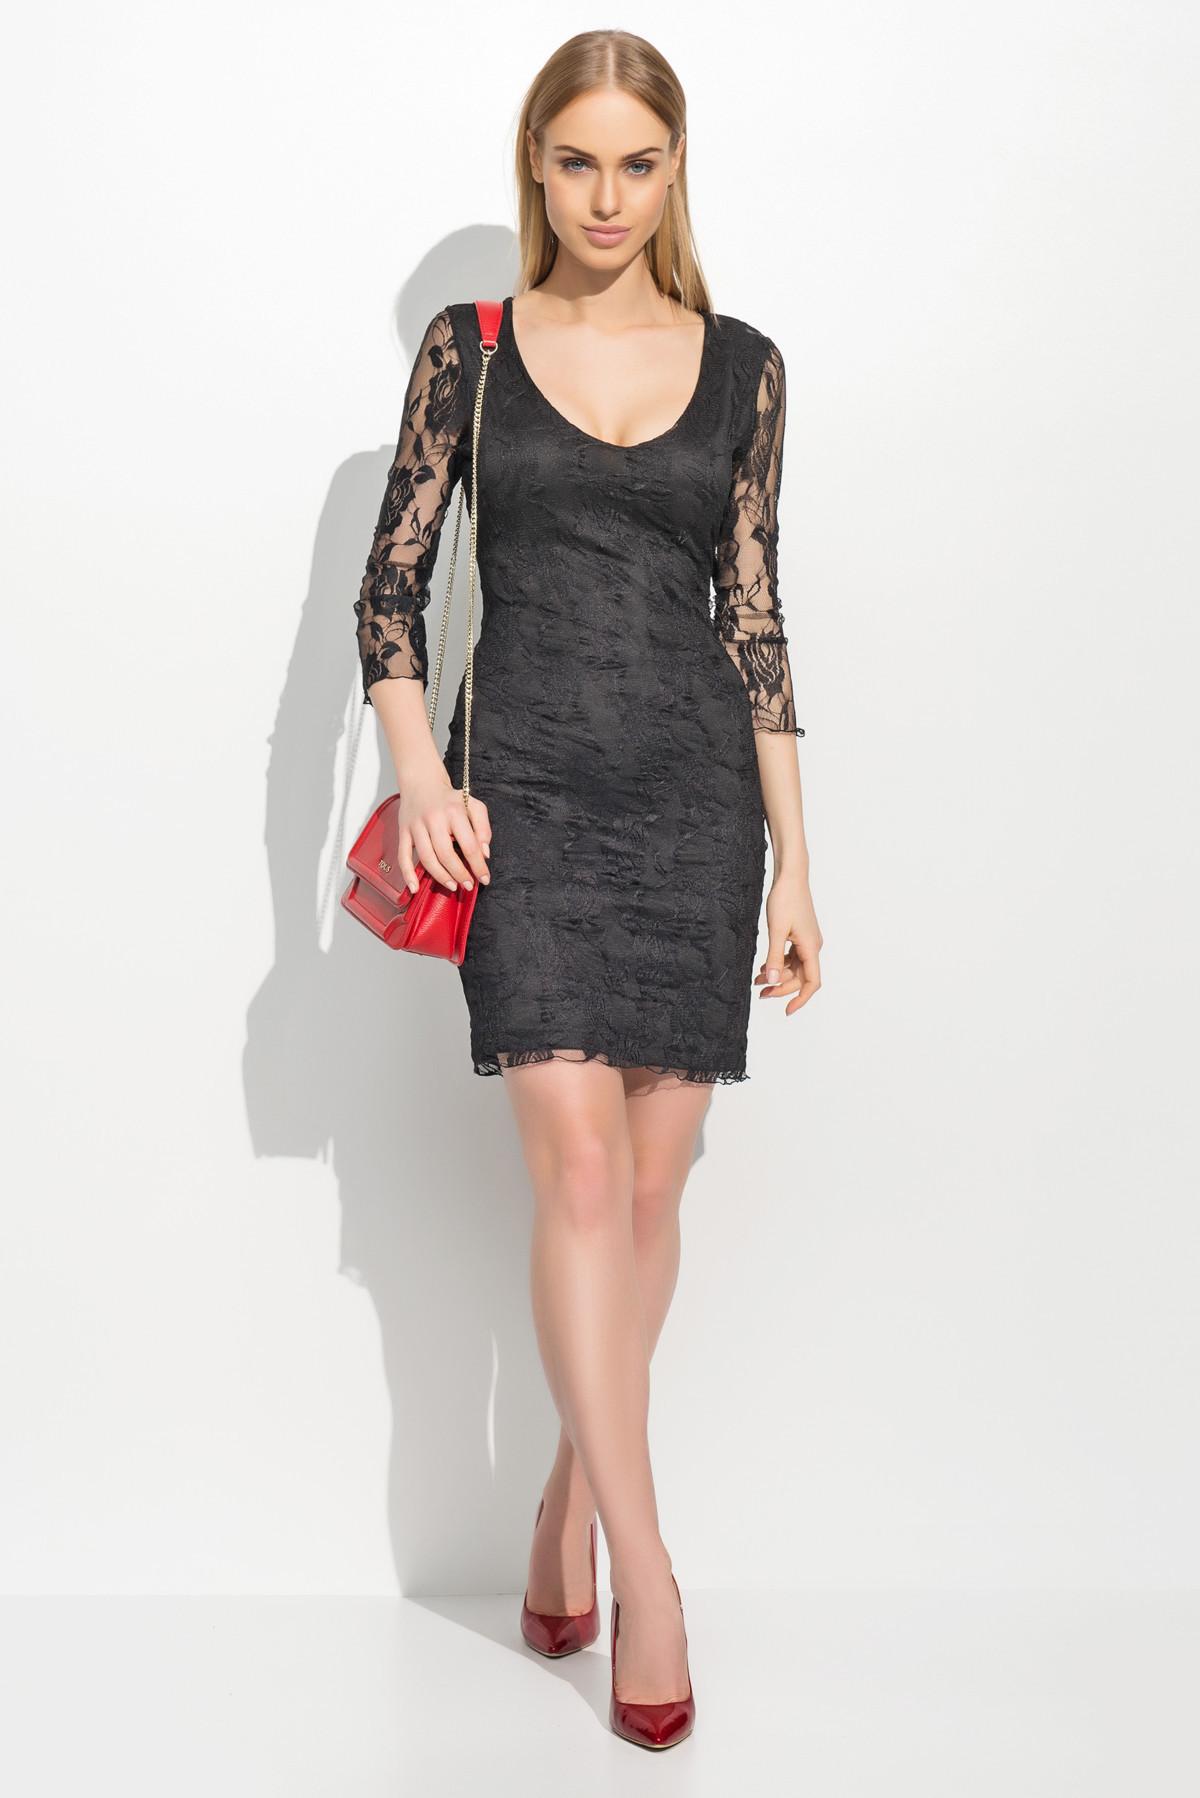 Dámské společenské šaty krajkové s 3/4 rukávem krátké černé - Černá / S - Makadamia černá 36